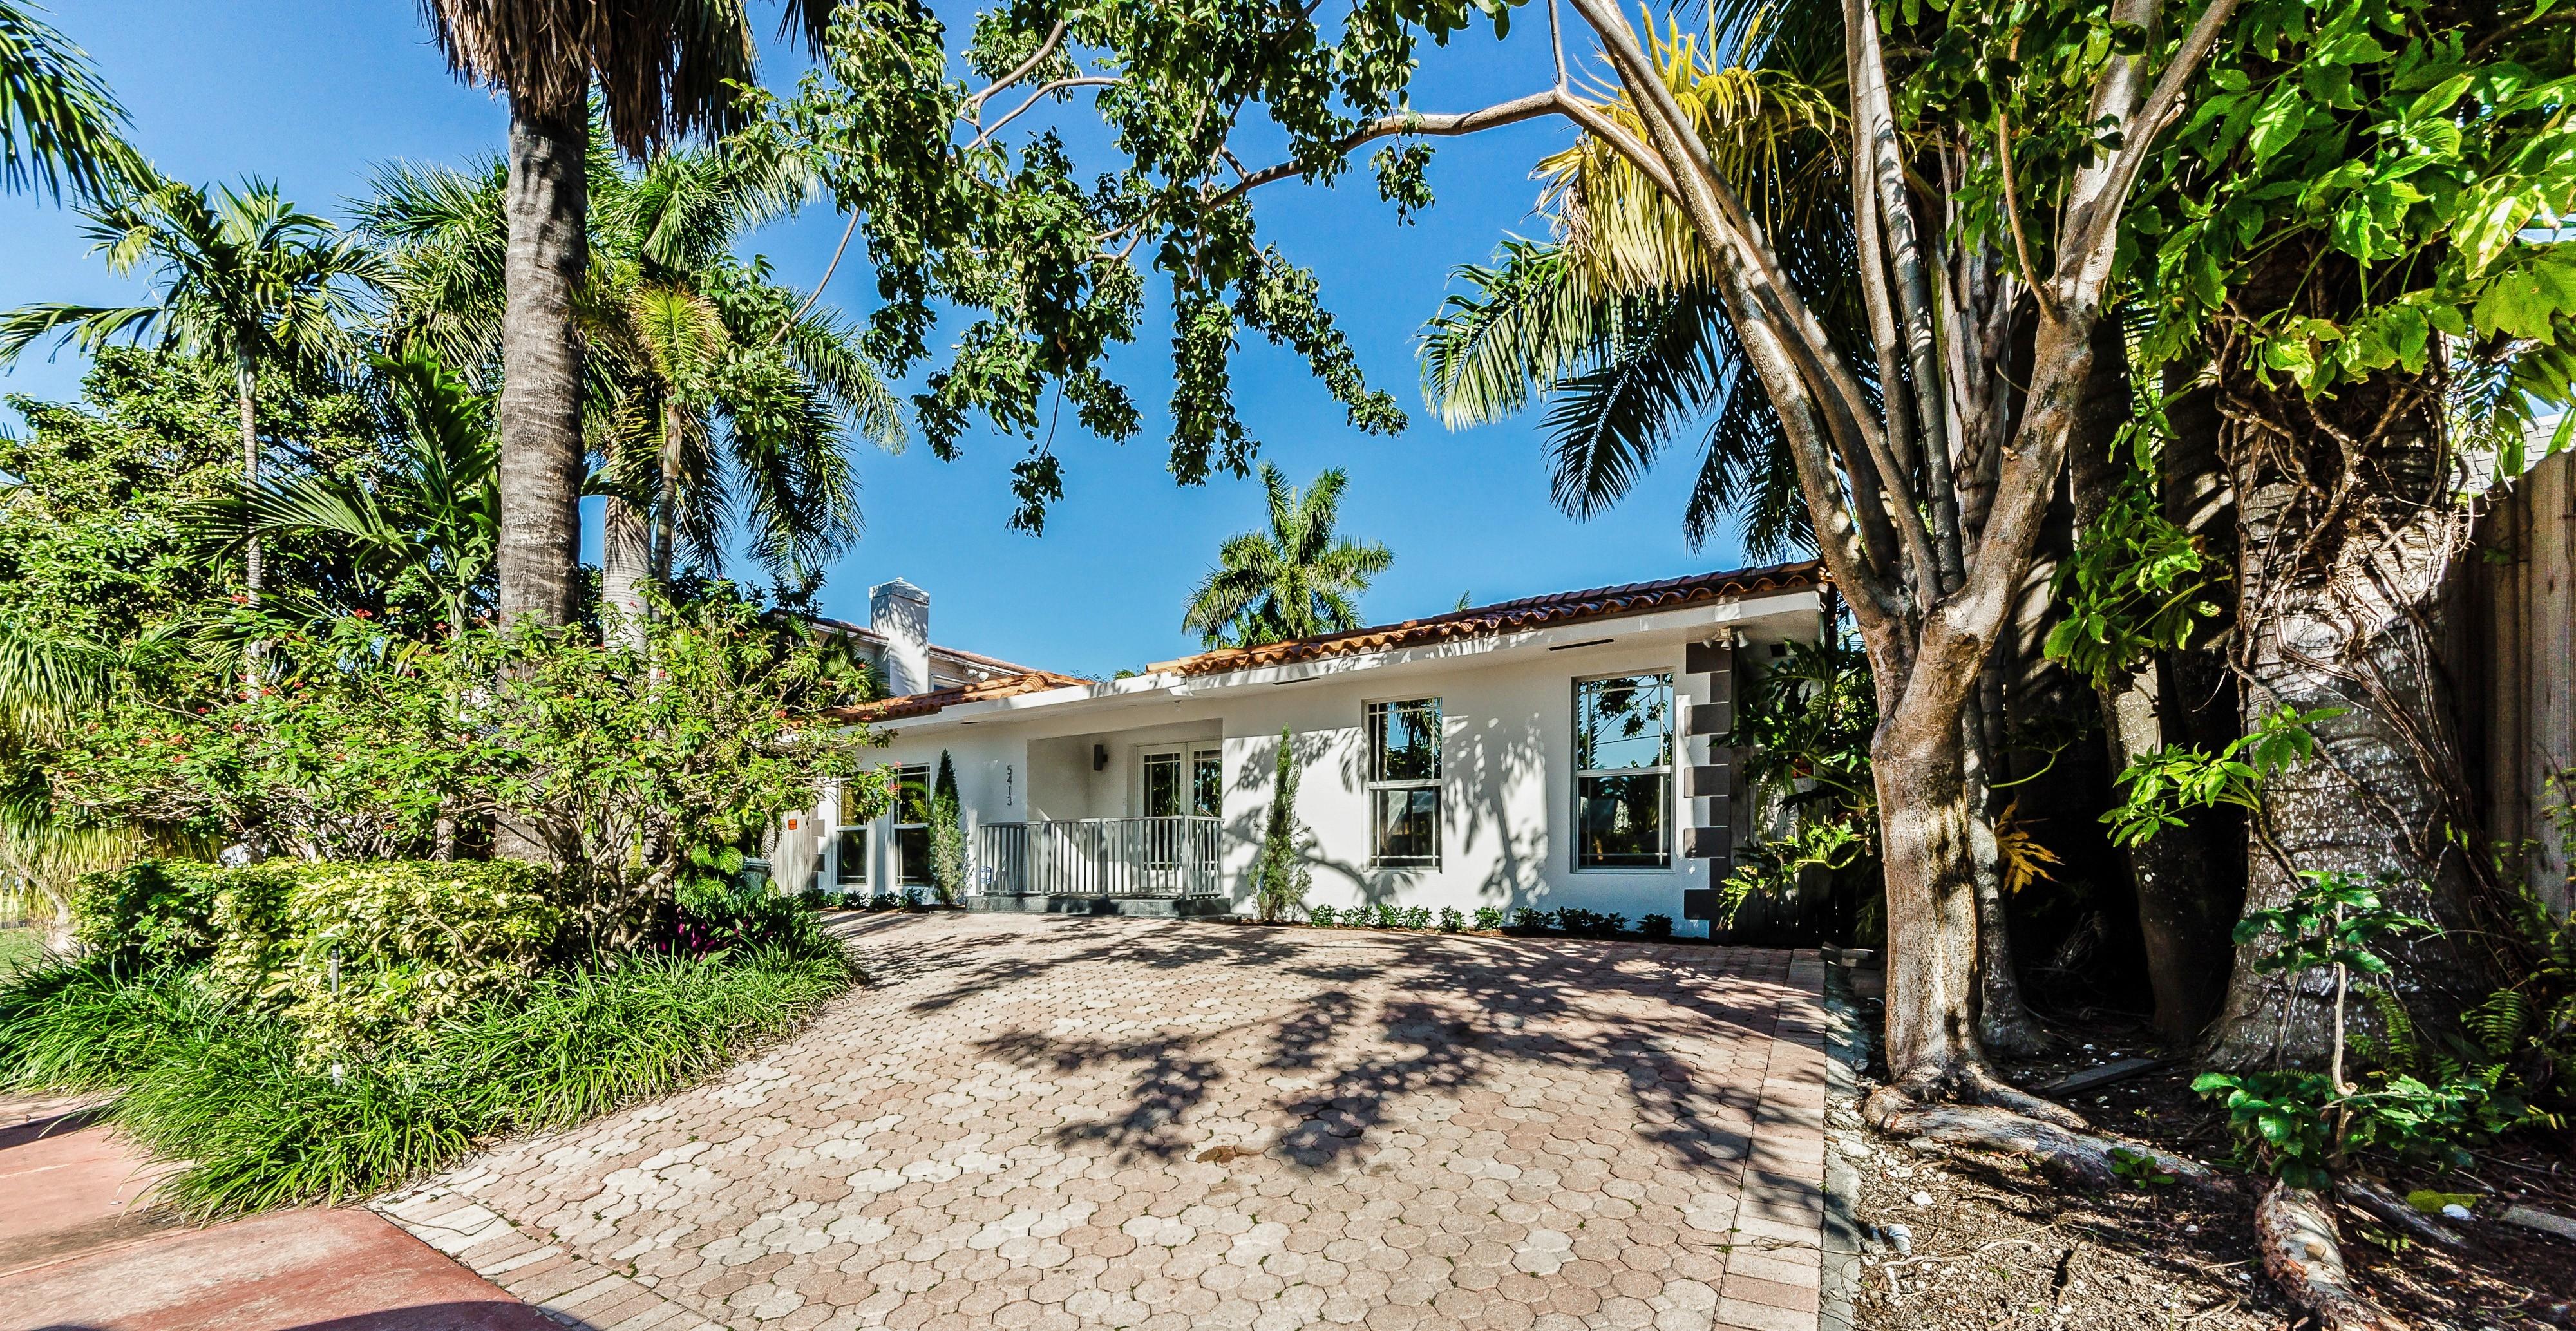 Частный односемейный дом для того Продажа на 5413 La Gorce Dr 5413 Lagorce Dr Miami Beach, Флорида, 33140 Соединенные Штаты